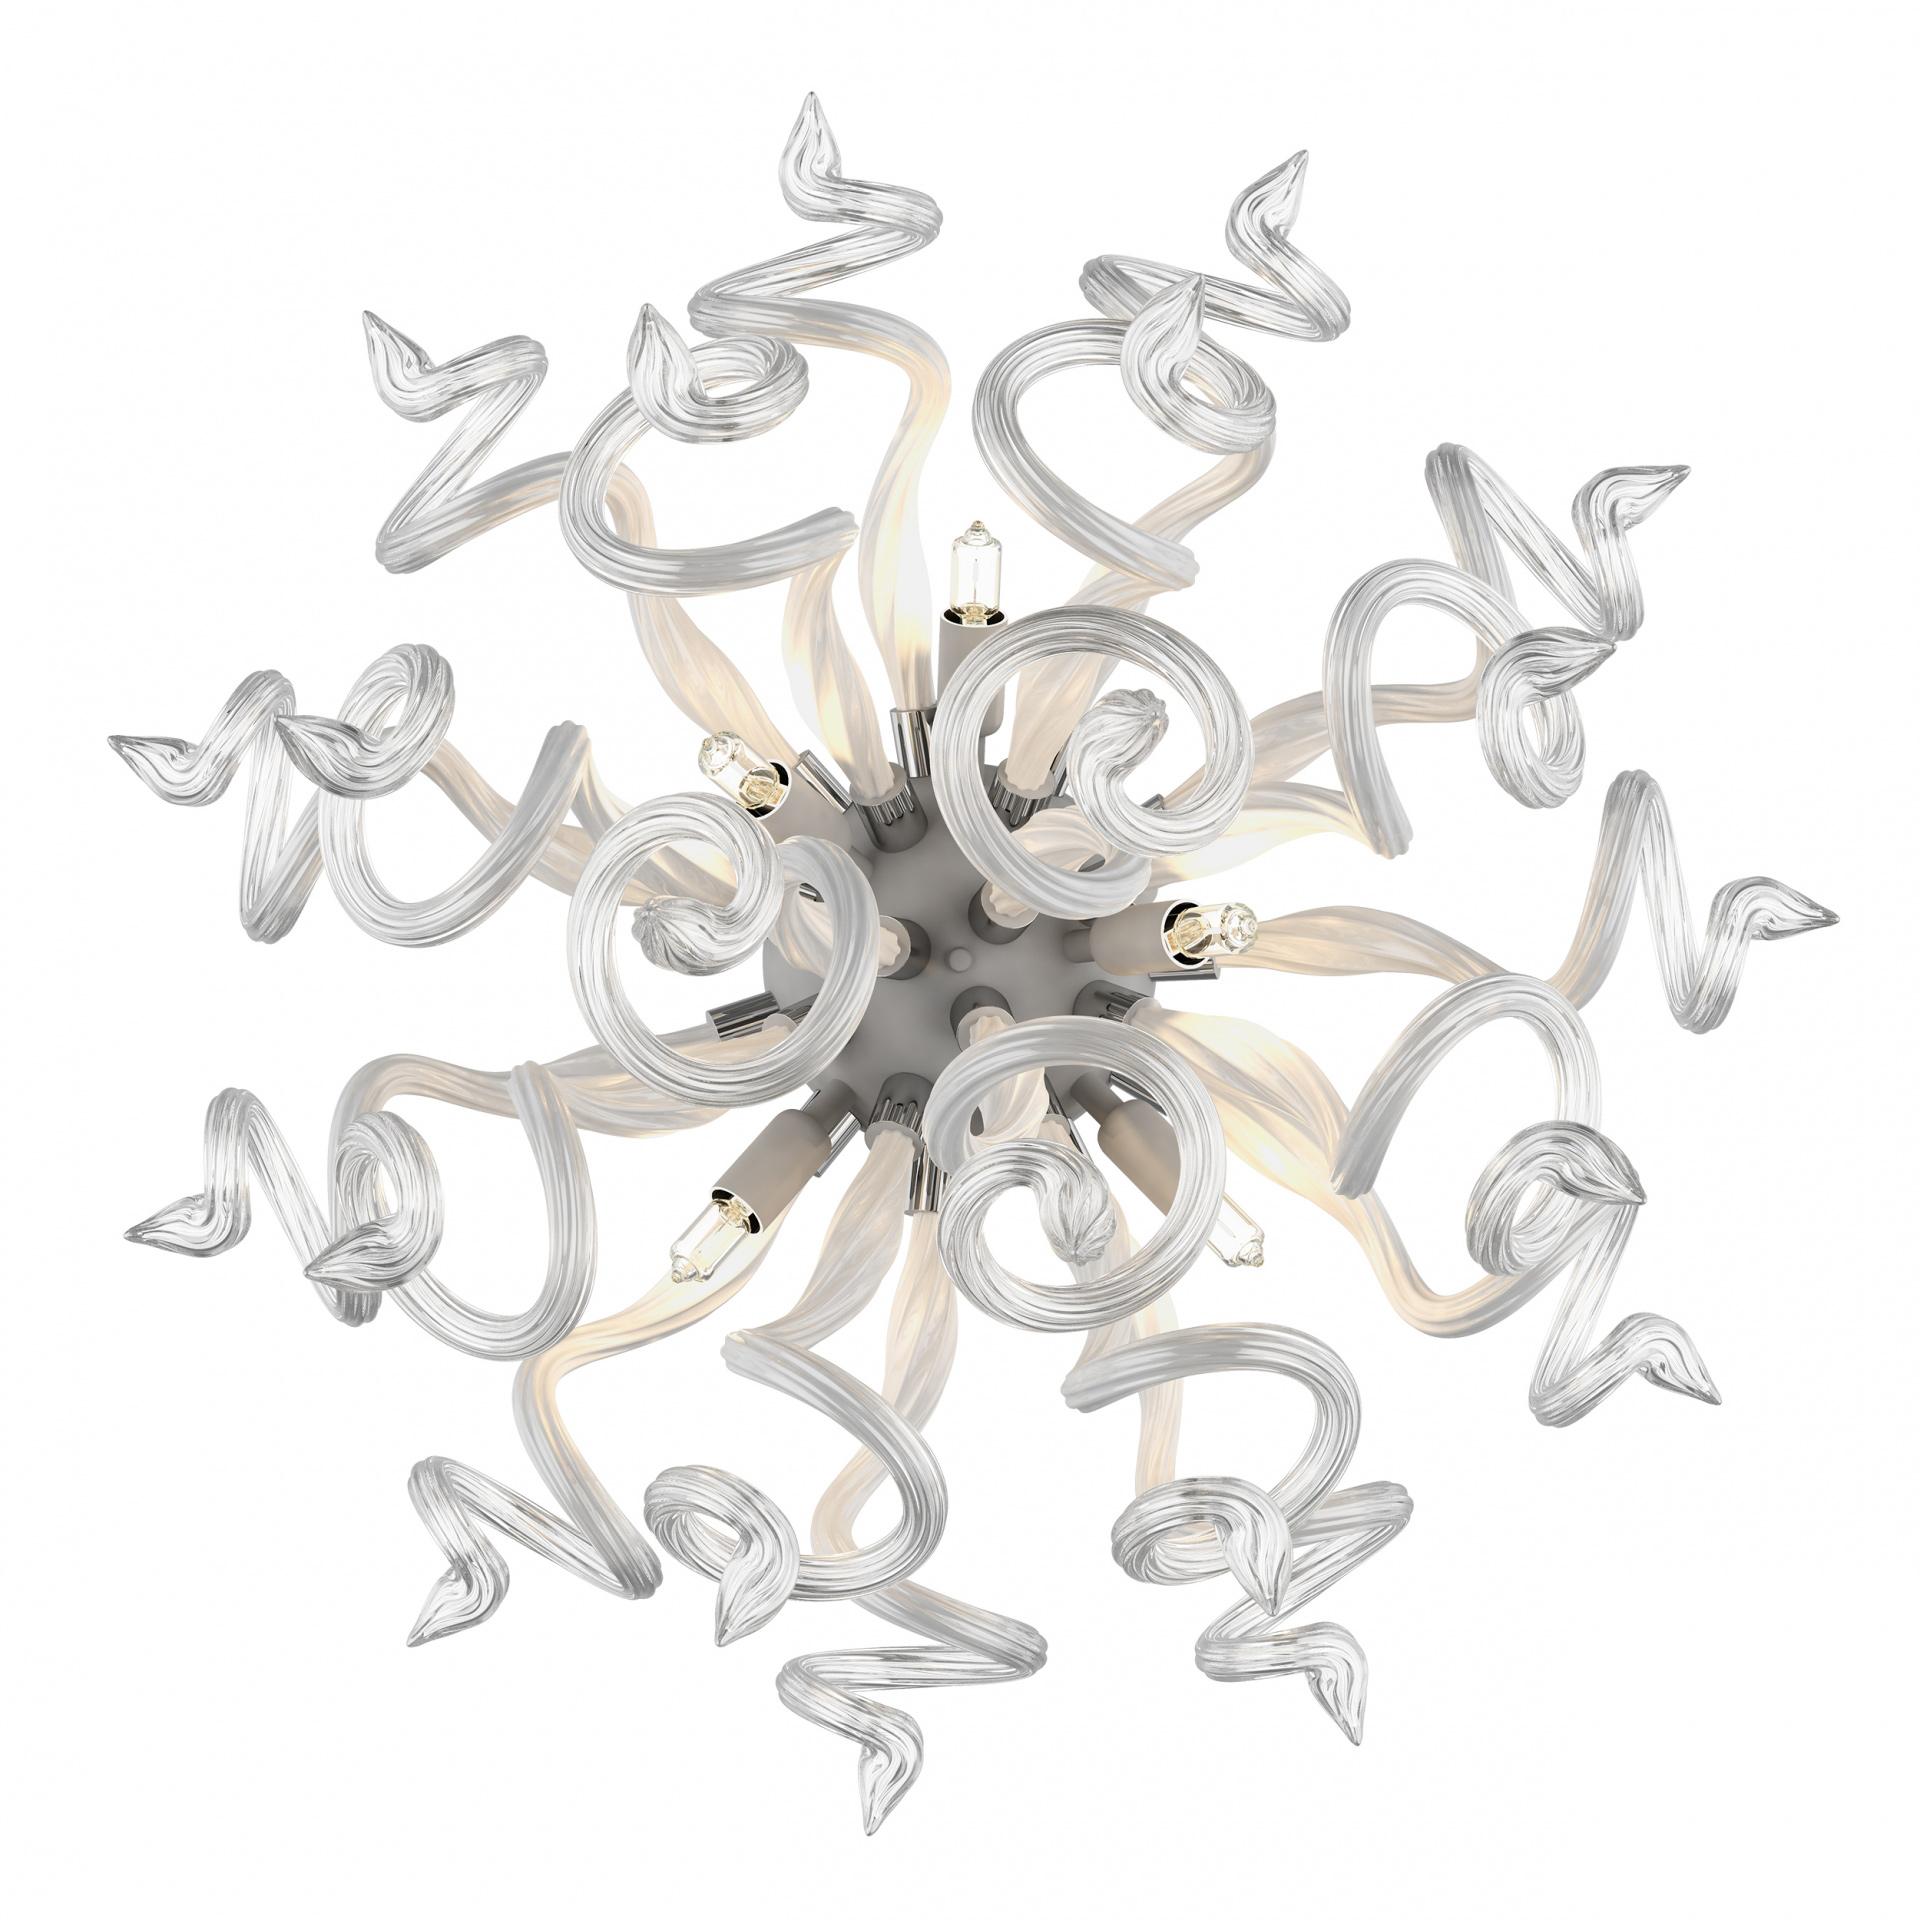 Бра Medusa 5х40W G9 белый / прозрачный Lightstar 890650, купить в СПб, Москве, с доставкой, Санкт-Петербург, интернет-магазин люстр и светильников Starlight, фото в жизни